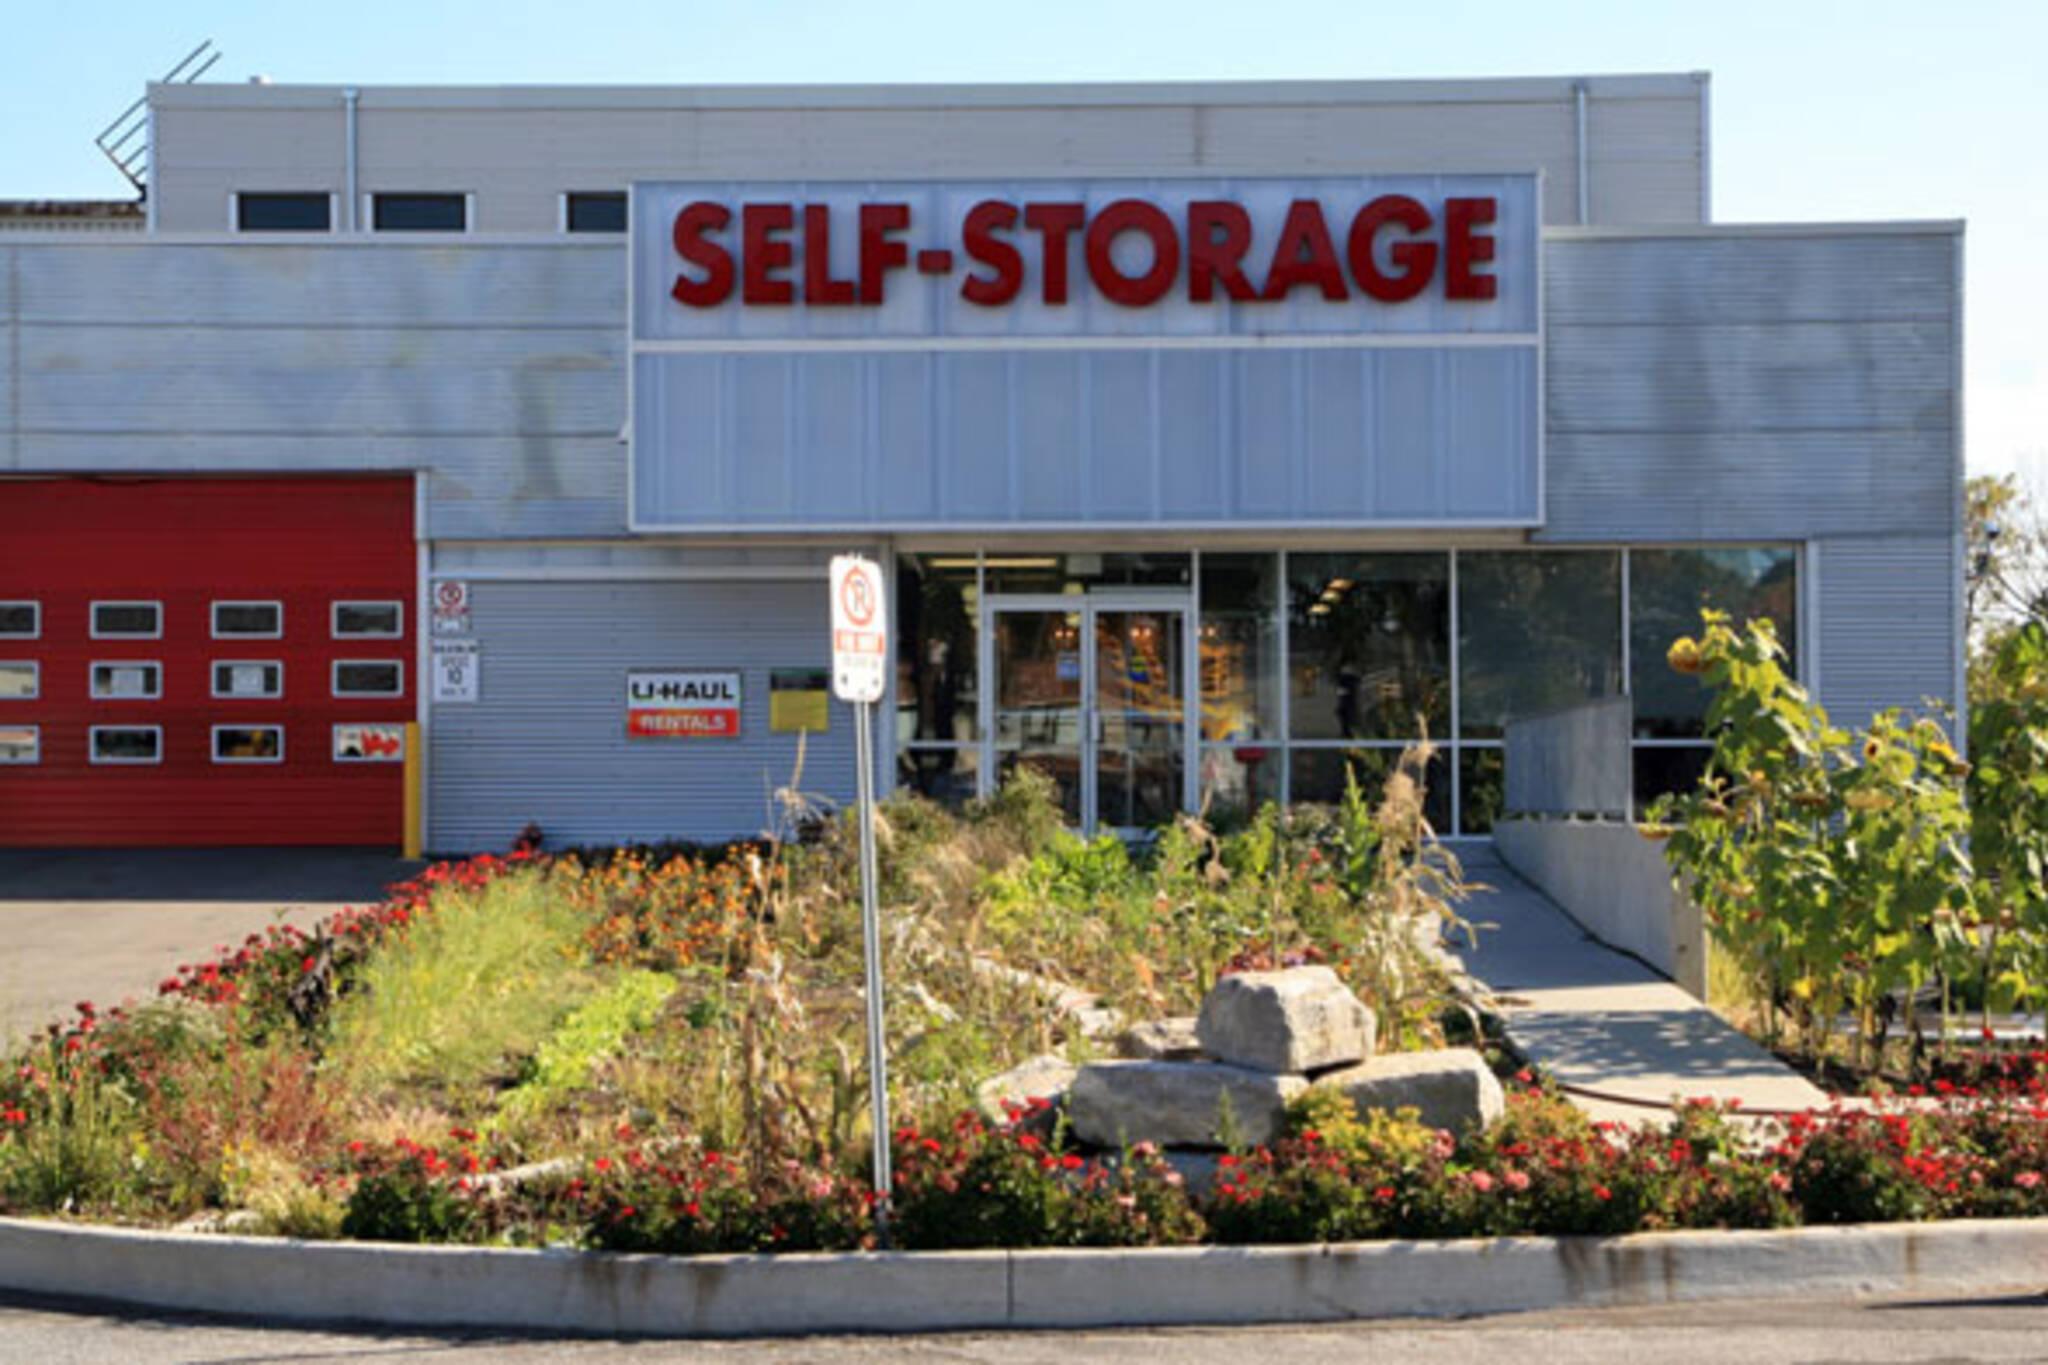 Self Storage Toronto